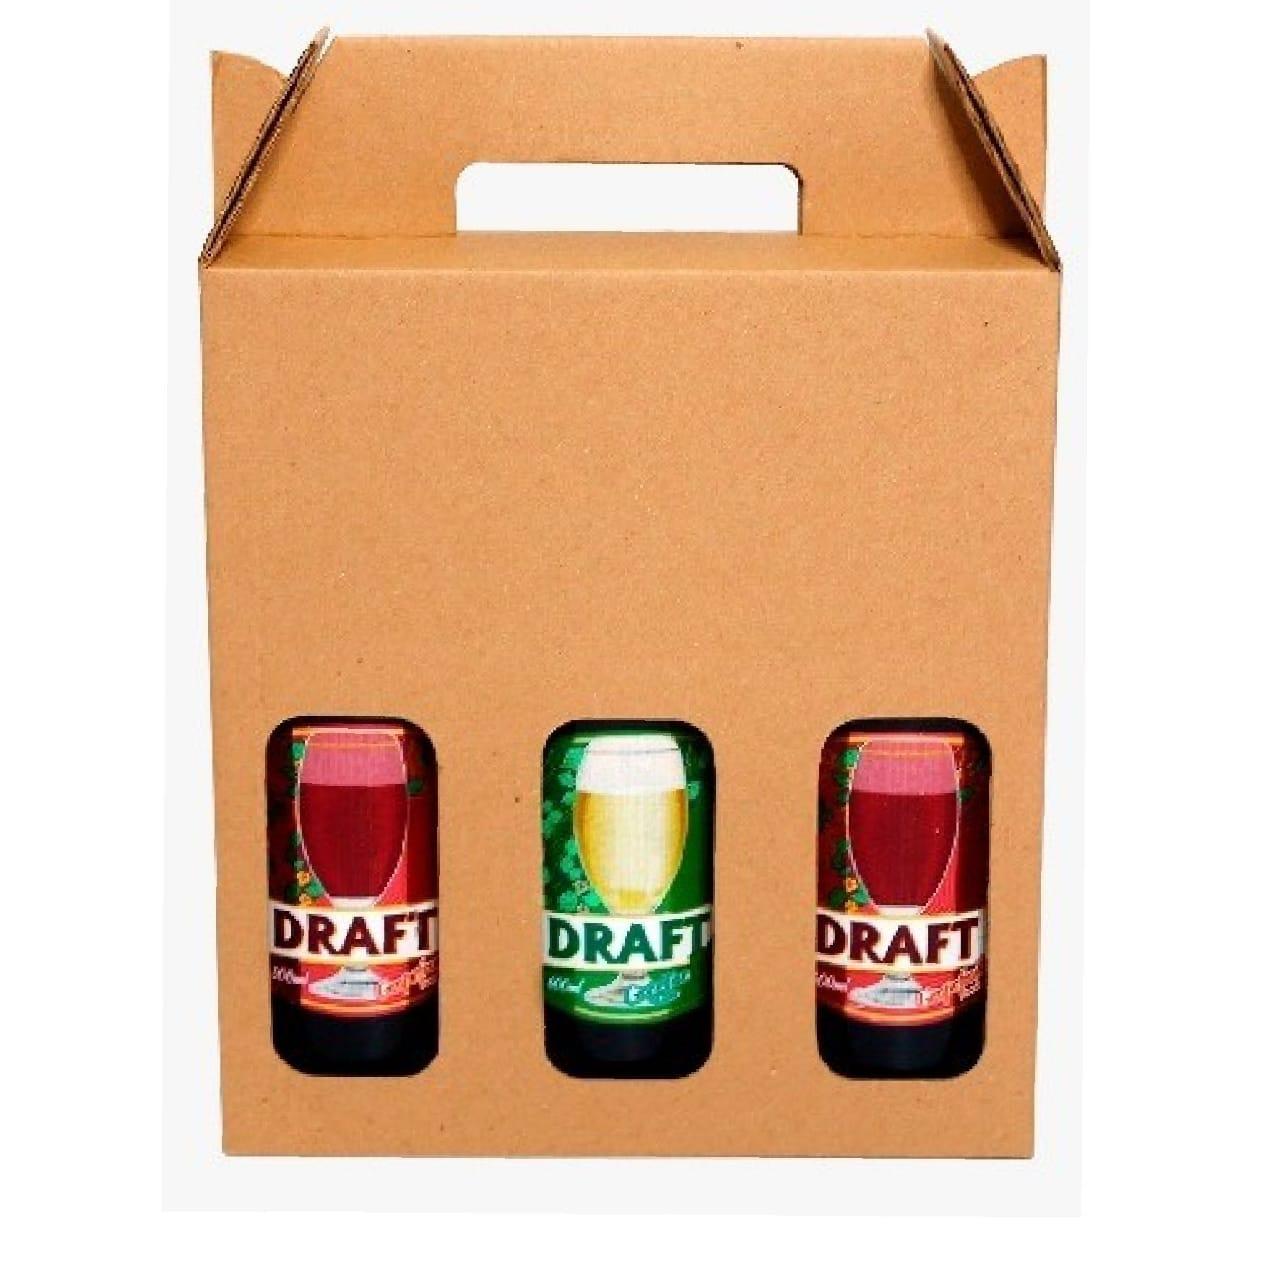 Cerveja Draft 600ml para presente 3 unid . Faça a tua escolha!